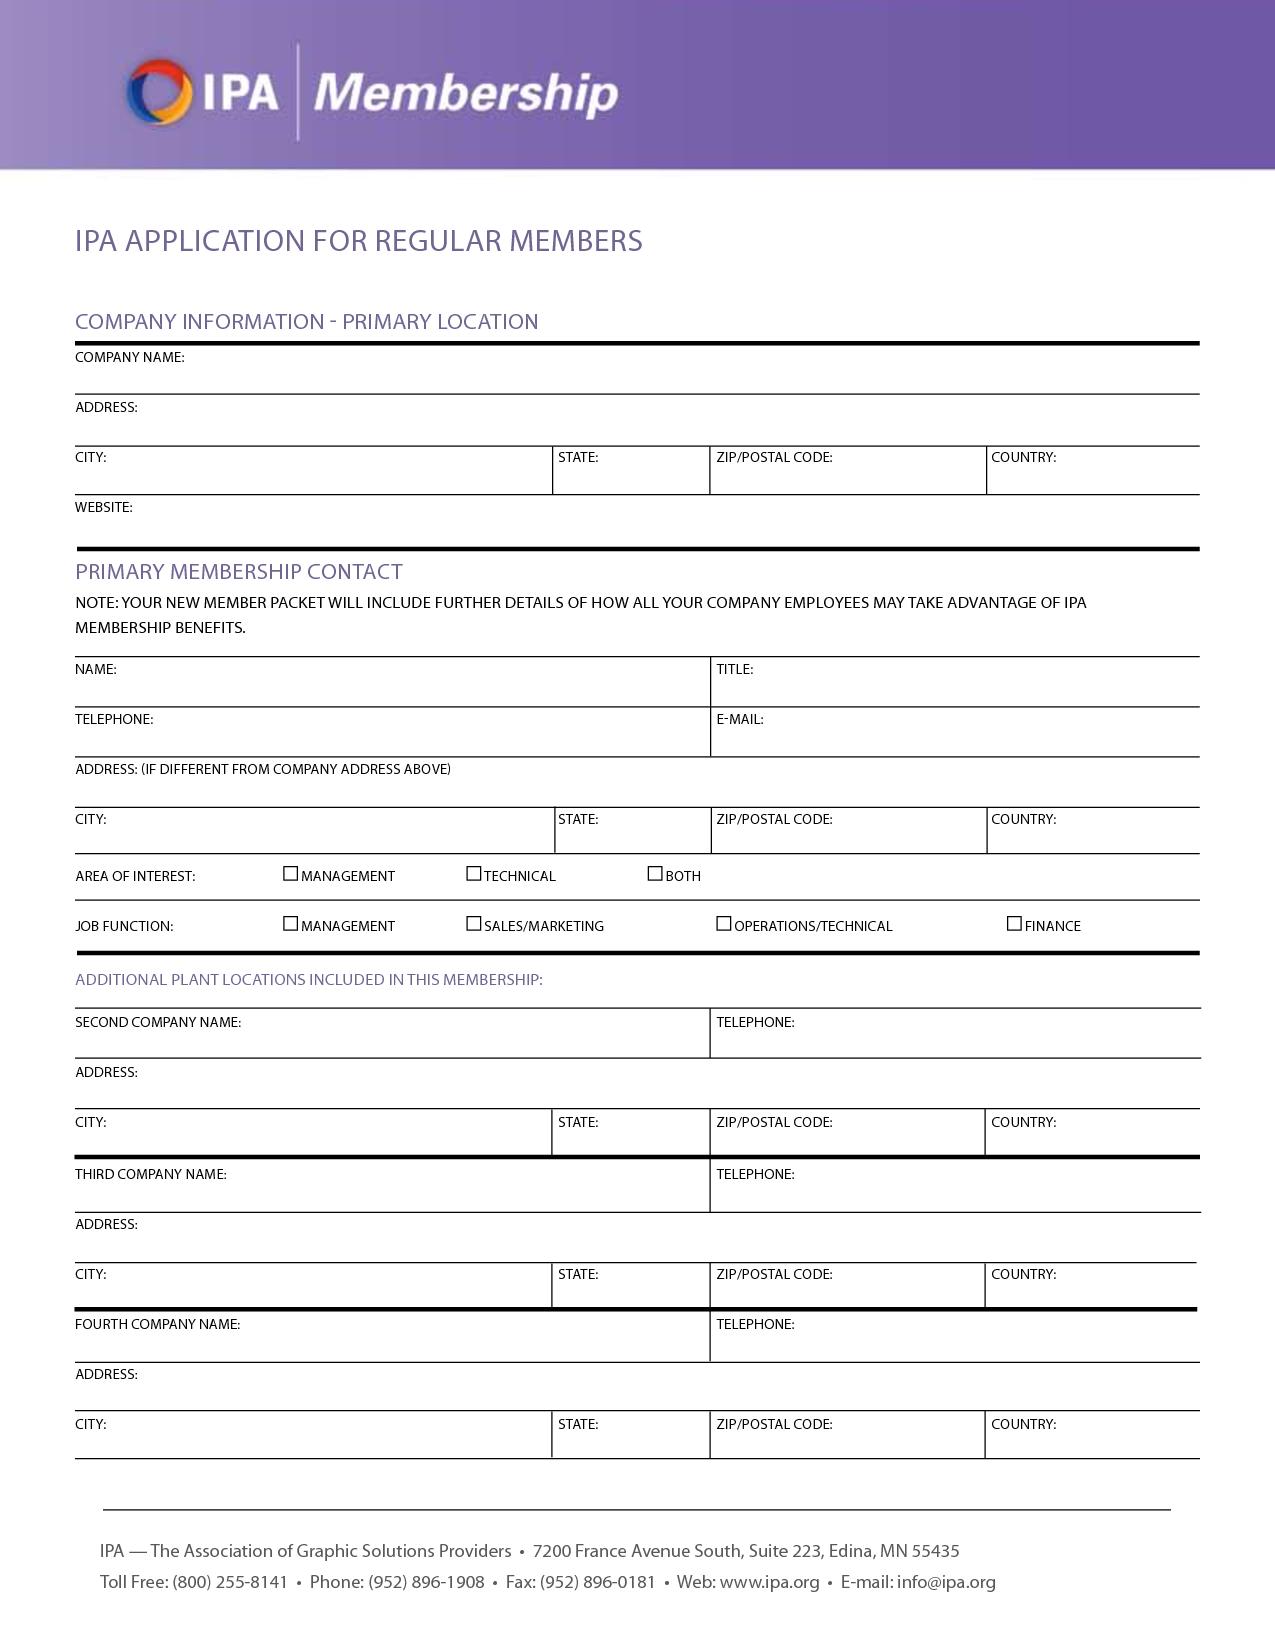 Standard Job Application Form Printable   Job application form. Employment application